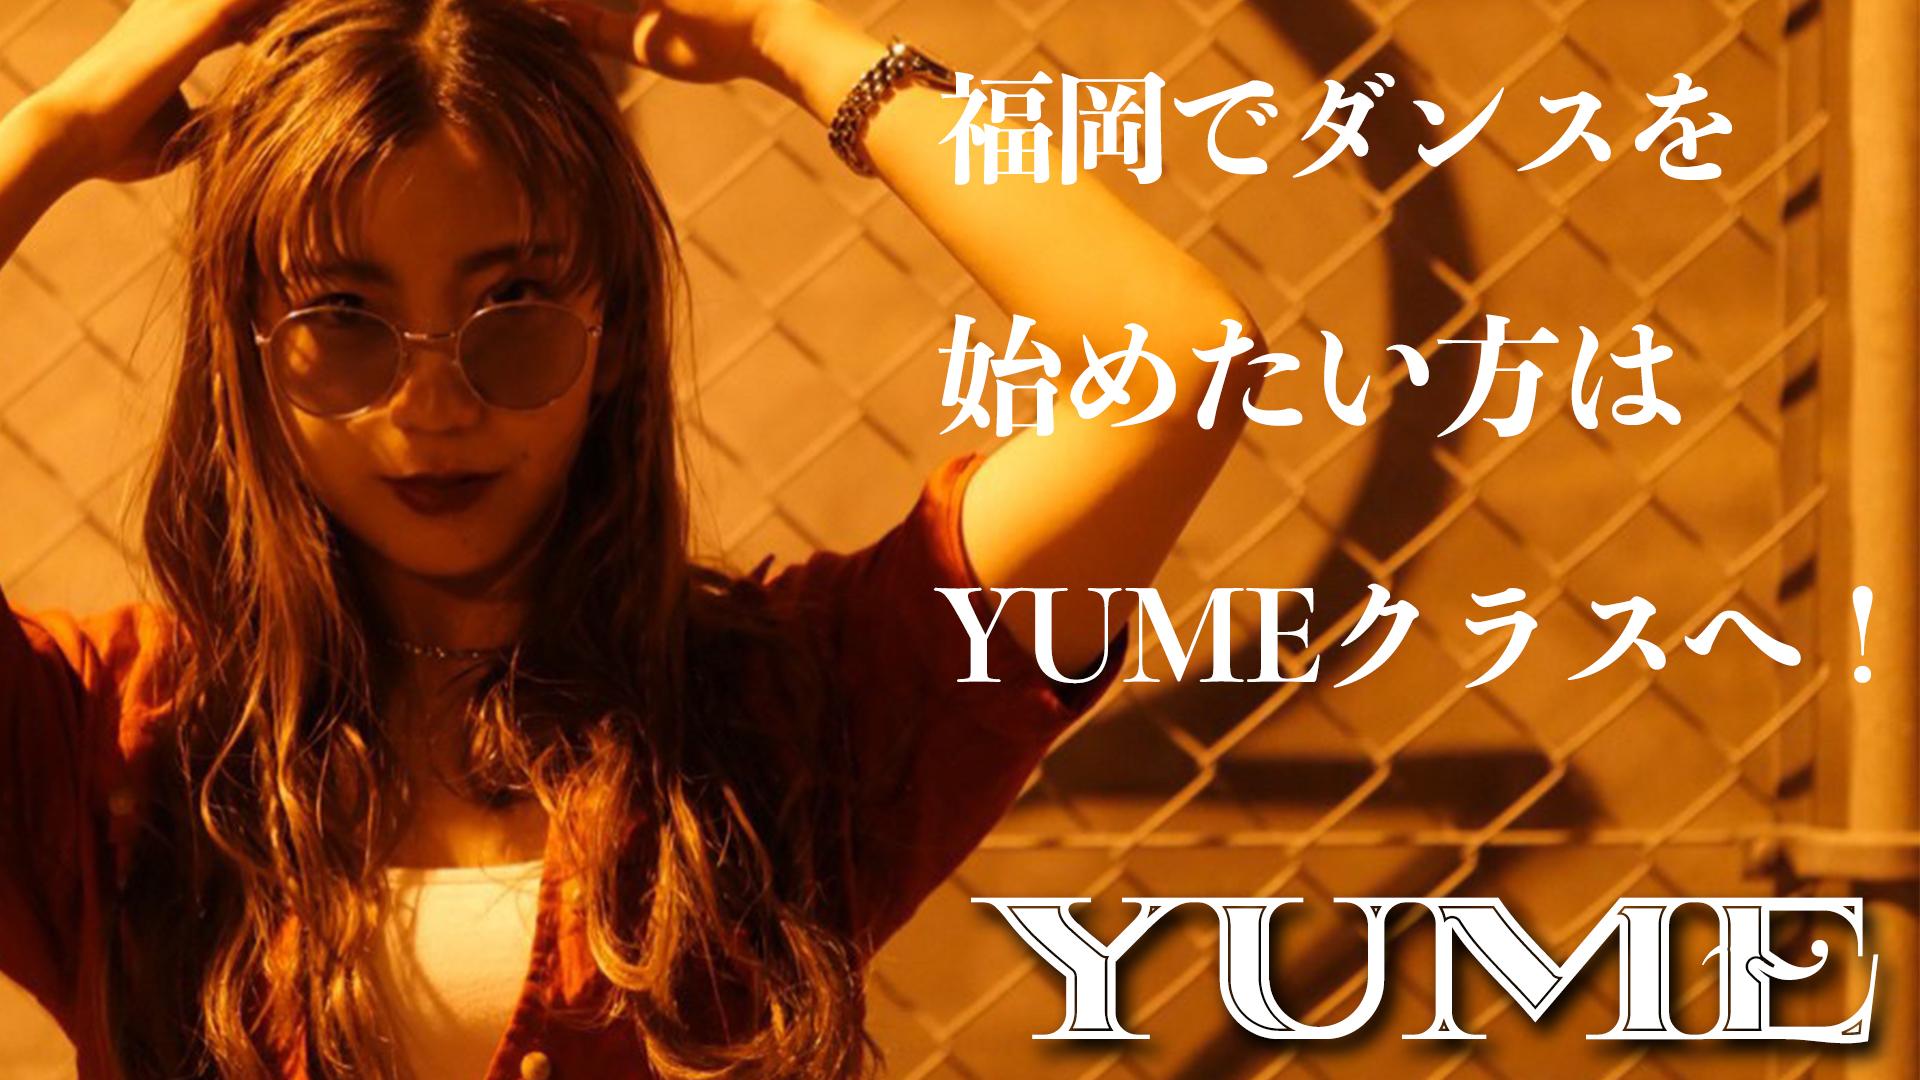 6月10日YUMEヒップホップ初級クラスの無料体験会開催!福岡でダンスを始めたい方はこのチャンスをお見逃しなく!